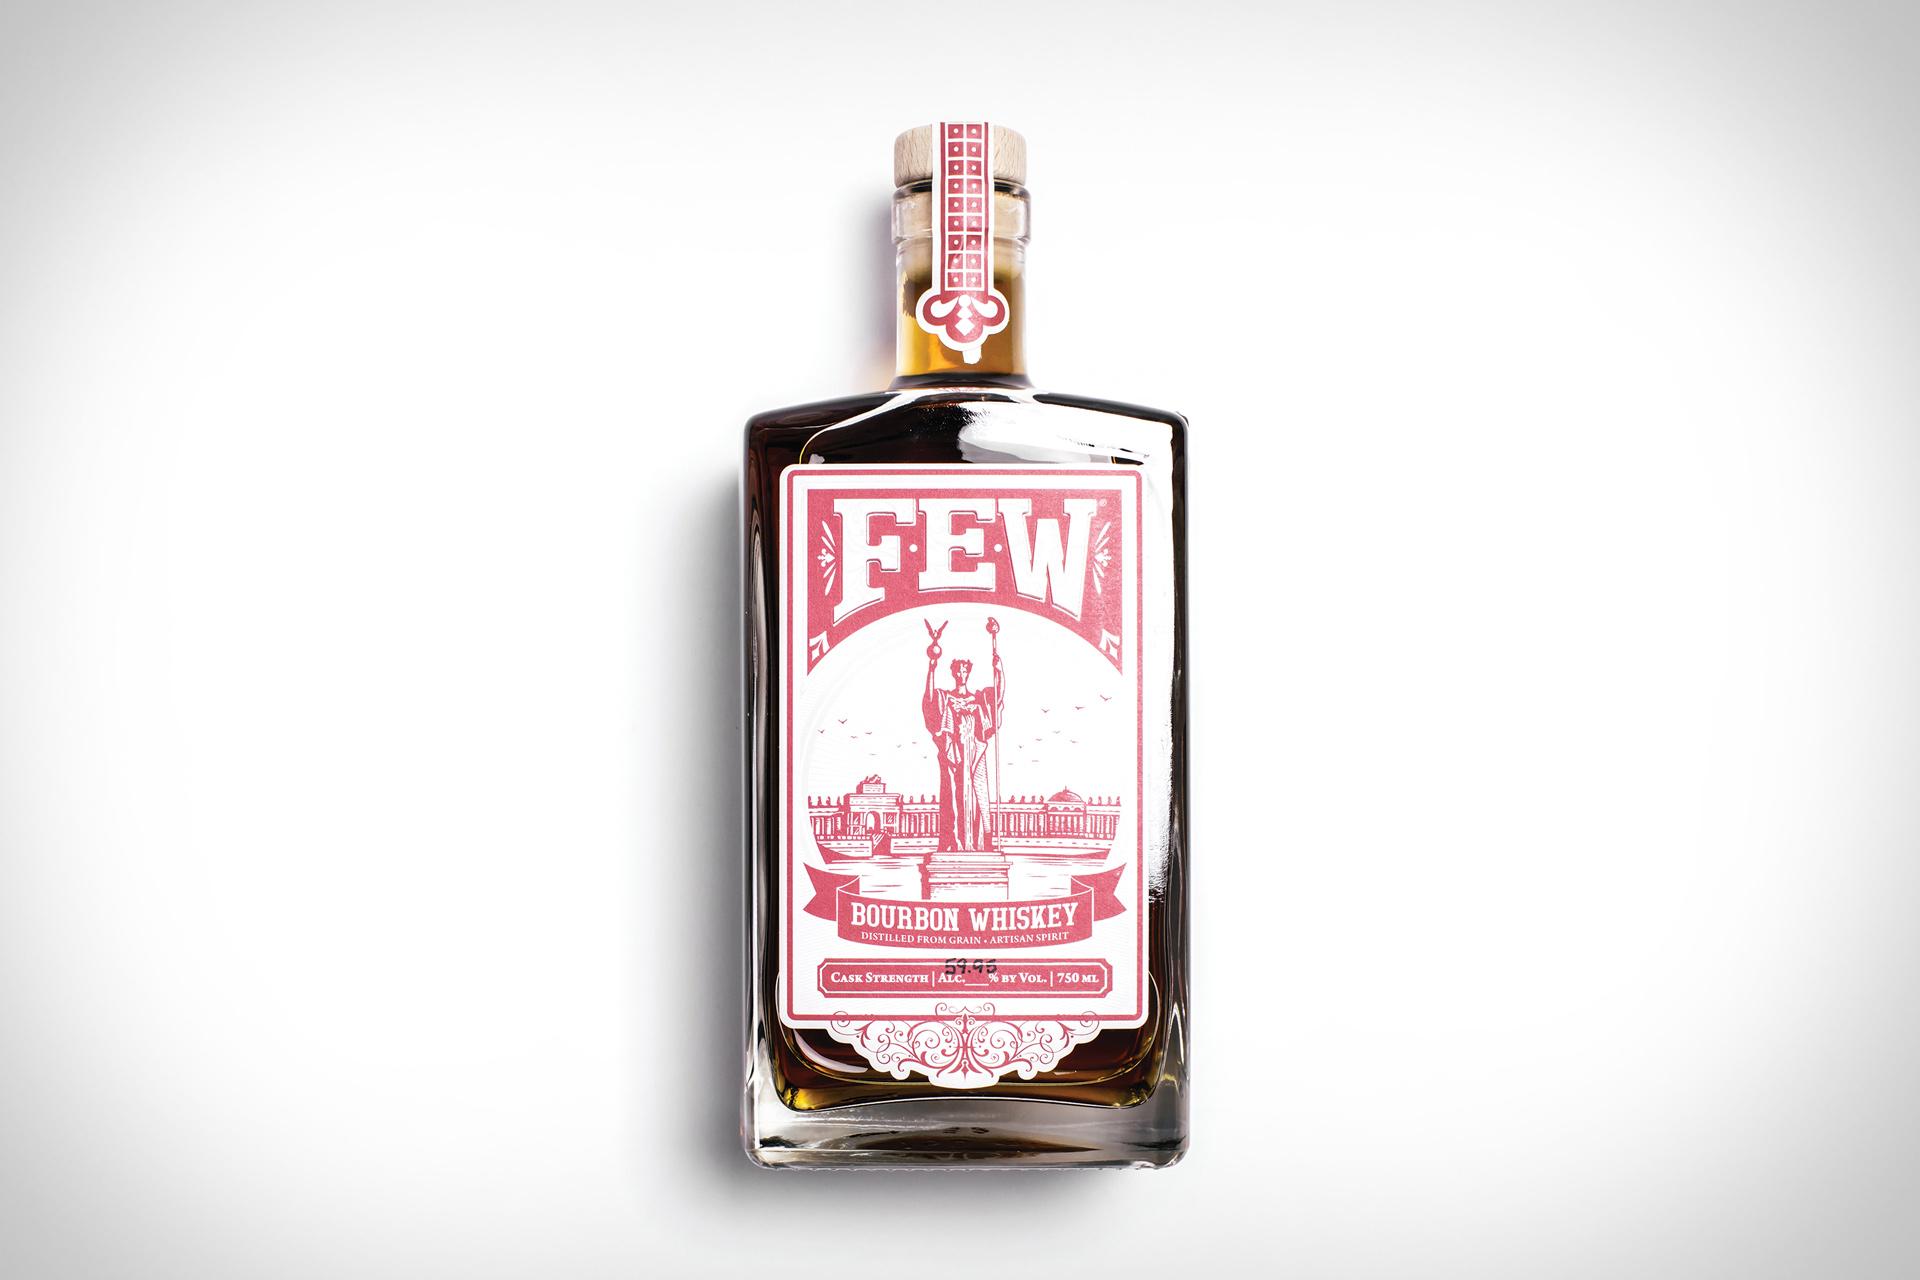 Few Cask Strength Bourbon